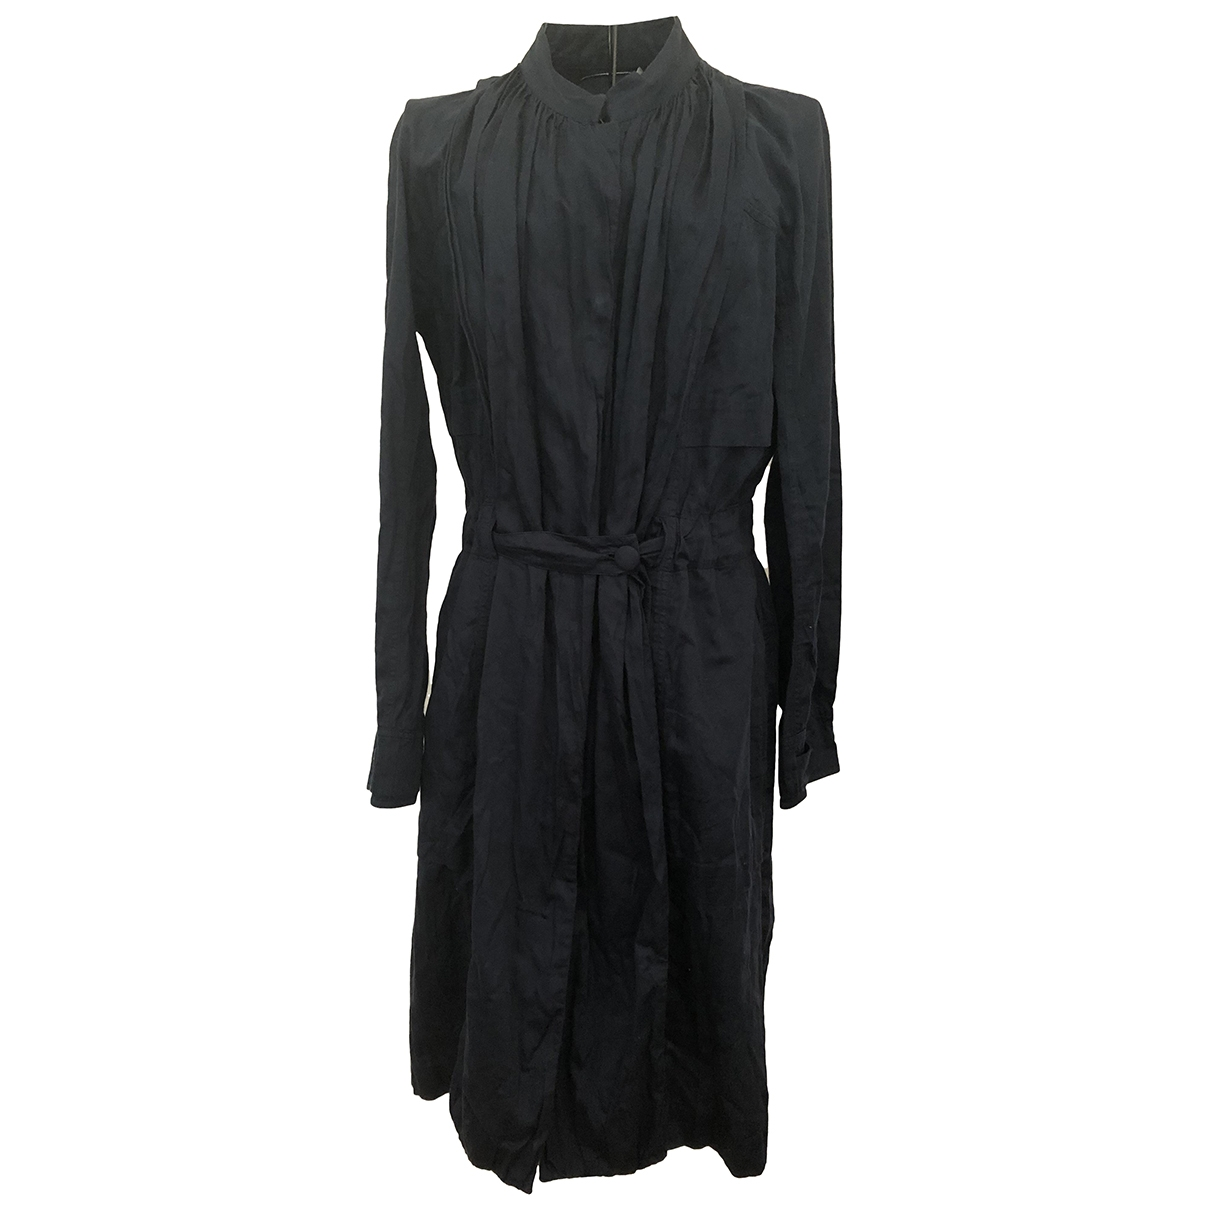 Lecoanet Hemant - Robe   pour femme en coton - marine